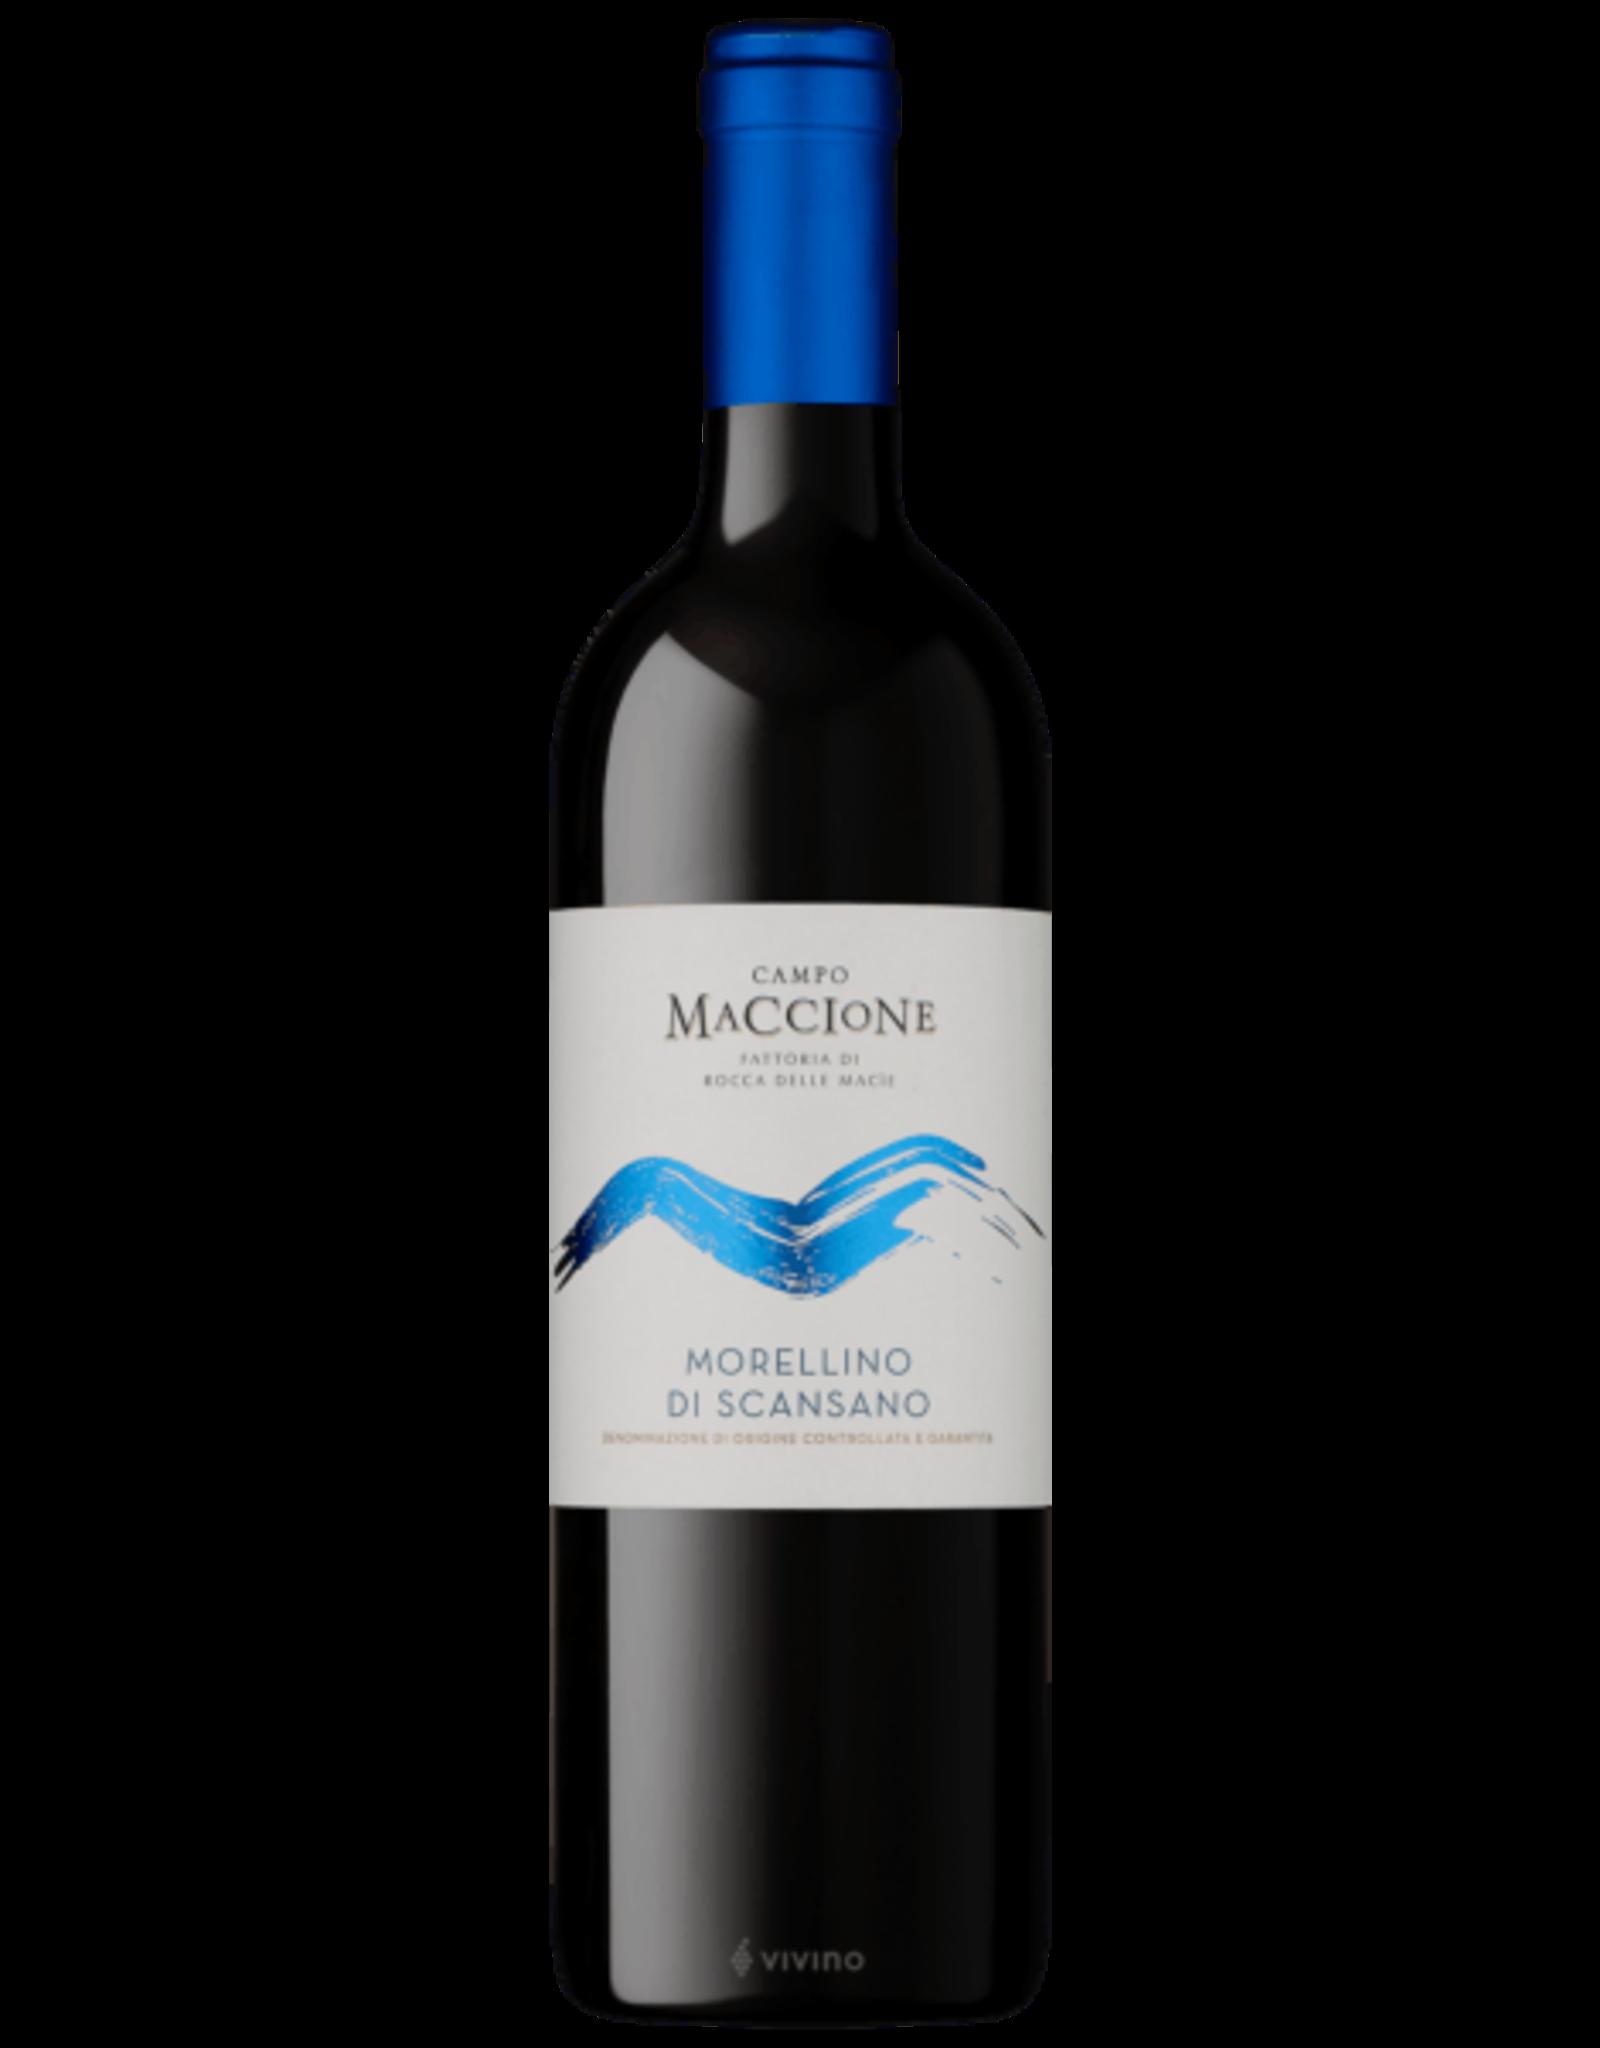 Rocca Delle Macie Morellino Di Scansano 2018